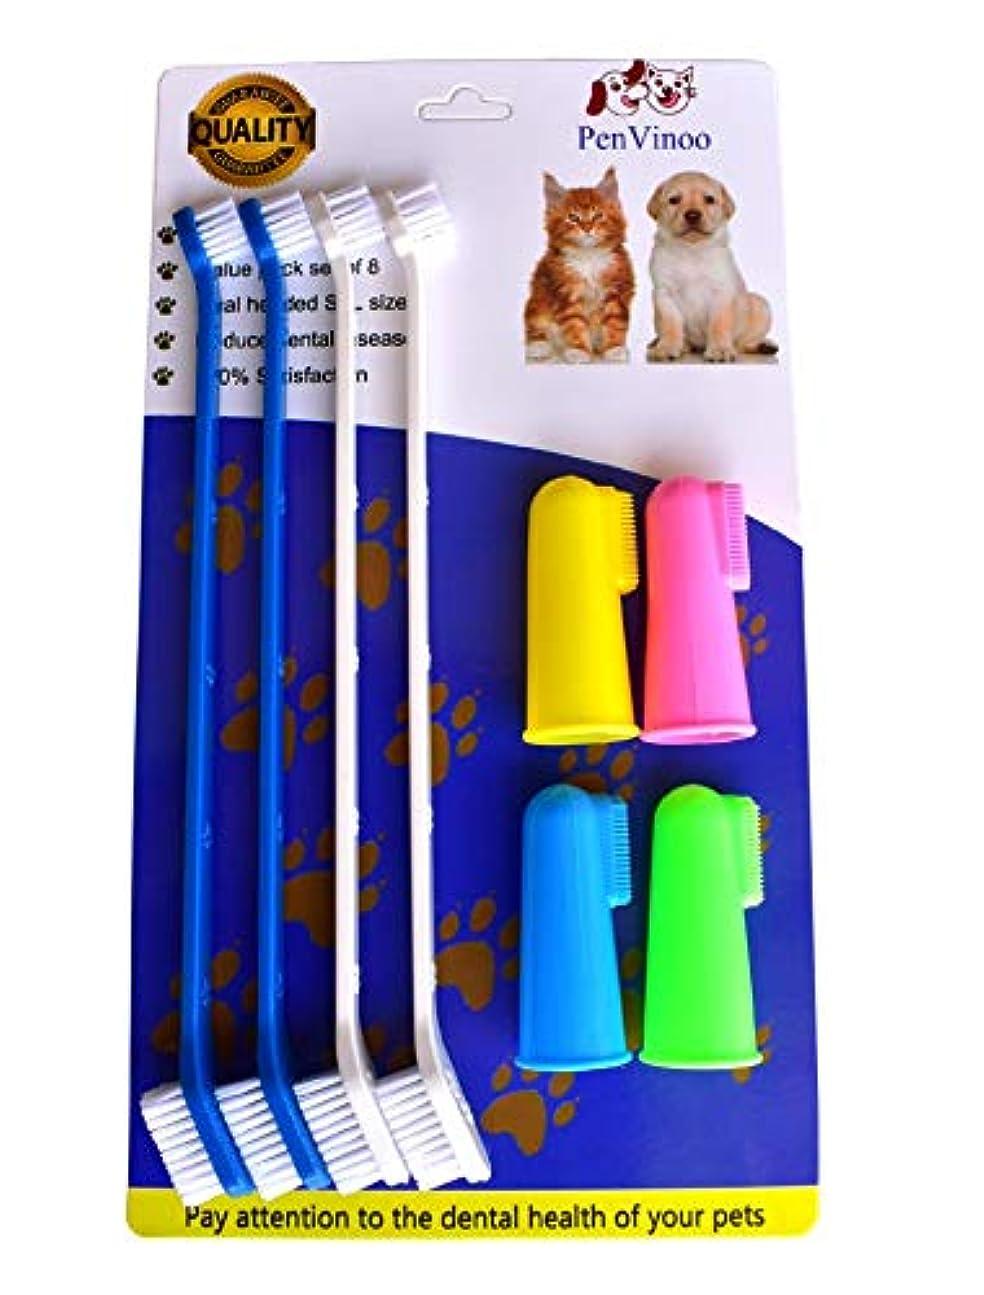 裁判所カートン害虫RosyLife 大型犬 小さなペット 犬柔らかい歯ブラシ犬用歯ブラシ指歯ブラシ ペット 歯ブラシ 4中性サイズ+ 4頭歯ブラシ